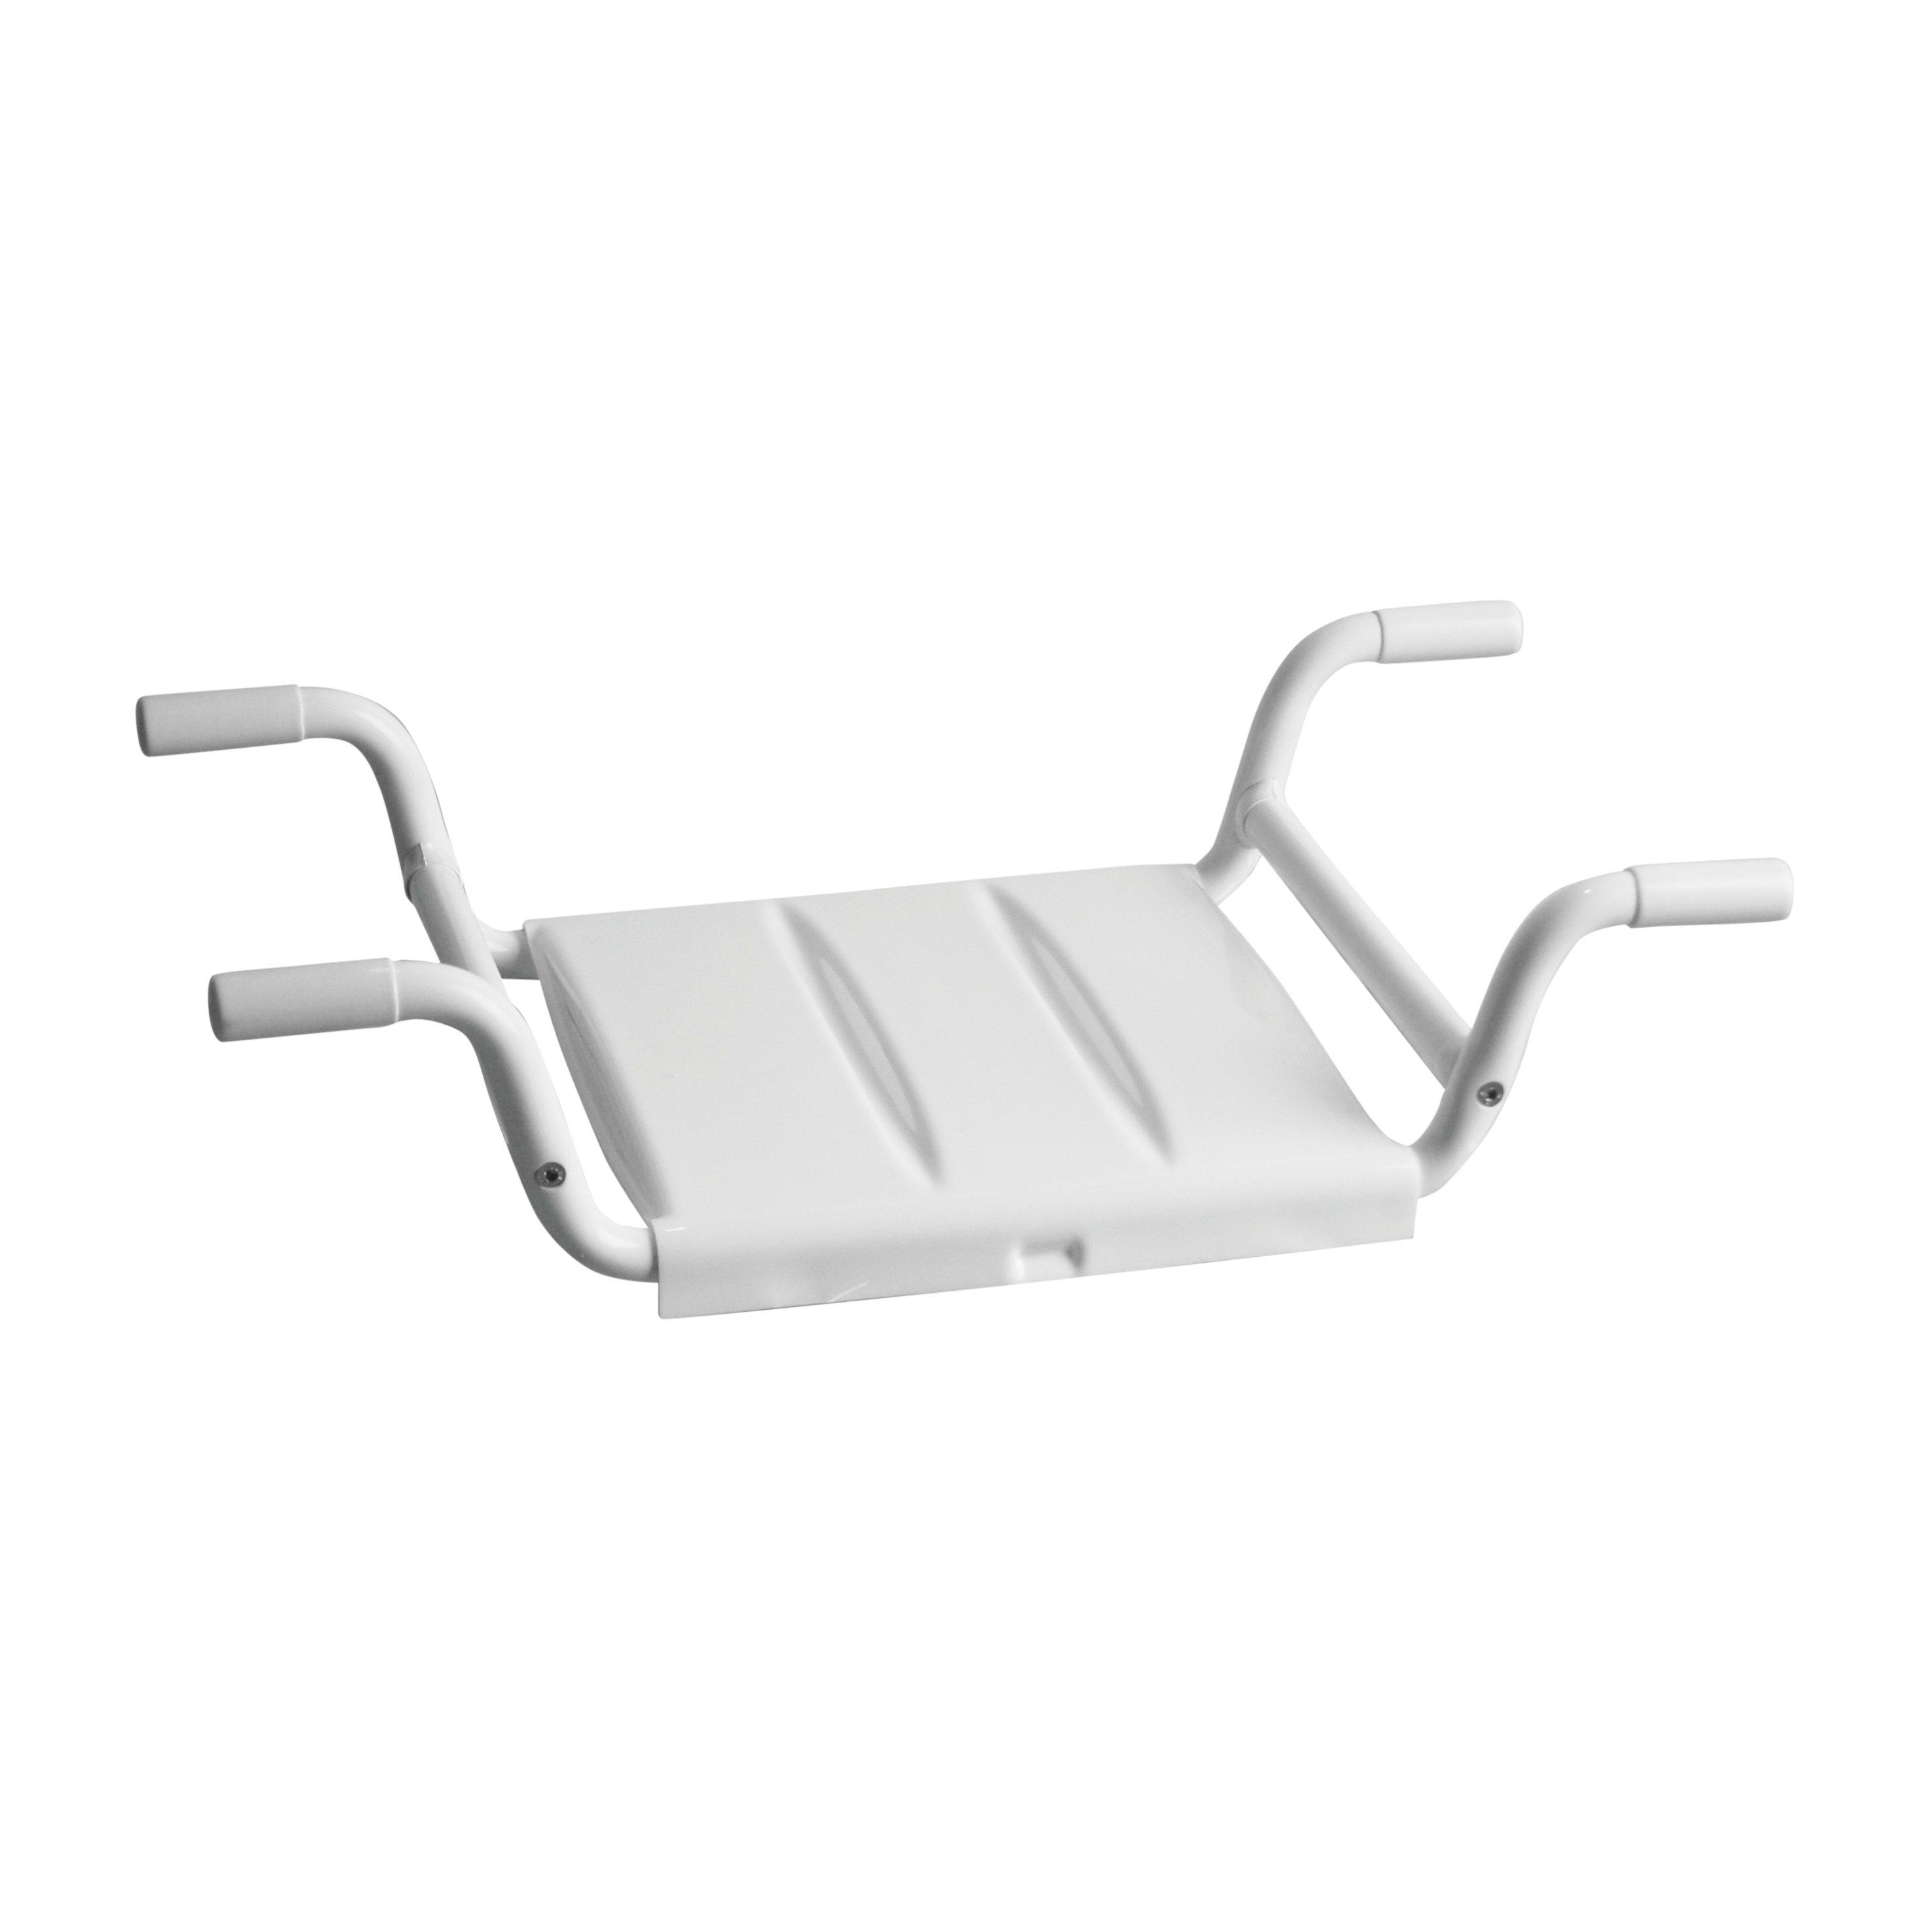 Sedile Per Vasca Bagno.Sedile Per Vasca Medium In Inox Bianco Prezzo Online Leroy Merlin